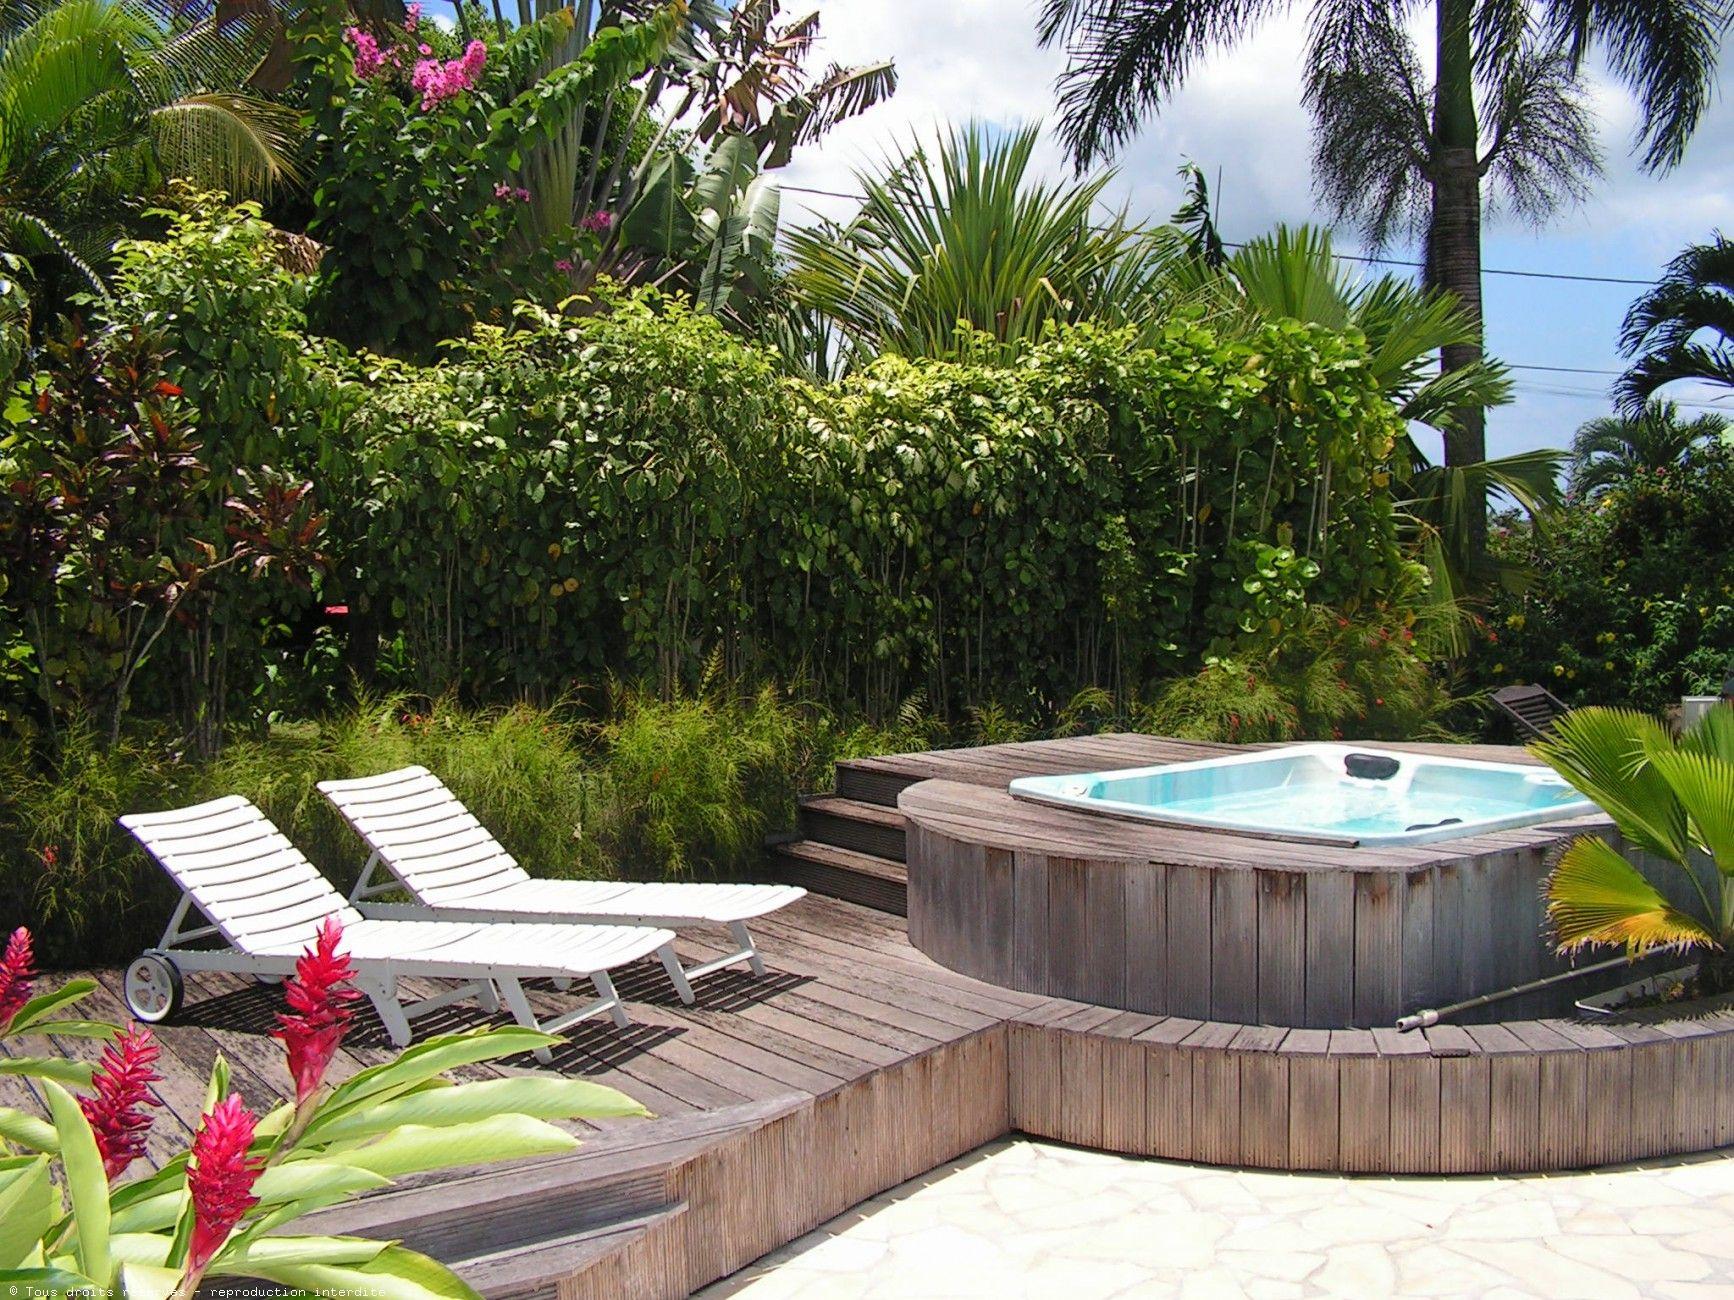 Bungalow 2 Personnes Piscine Spa 4 Tout Confort Dans Jardin